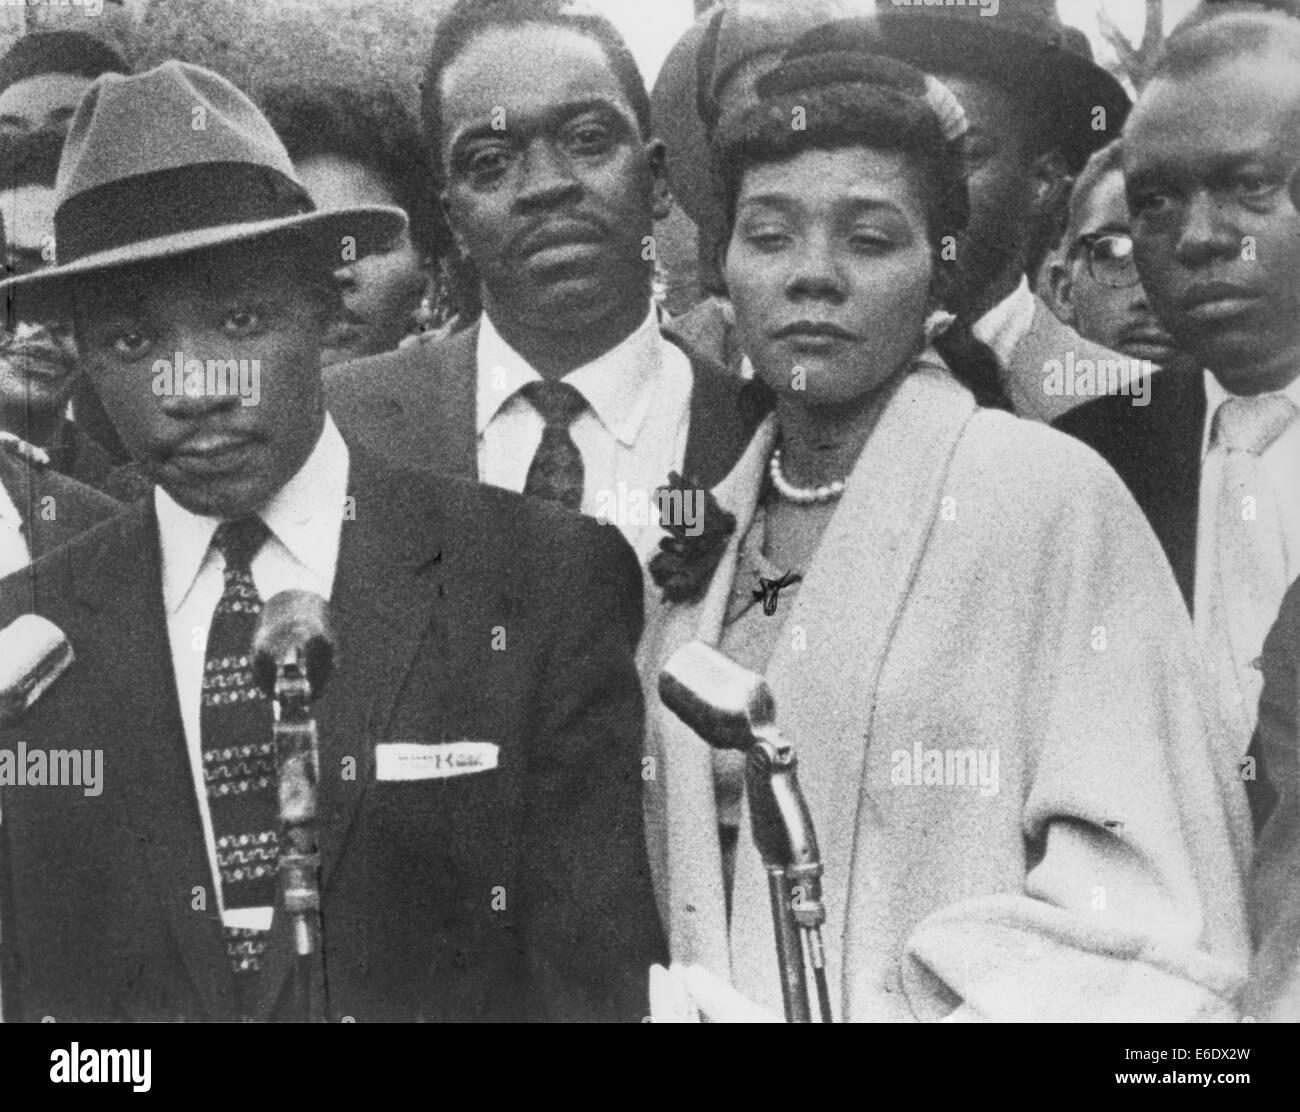 Martin Luther King, Jr. con su esposa, Coretta, durante el boicot de autobuses de Montgomery, Alabama, EE.UU., marzo de 1956 Foto de stock